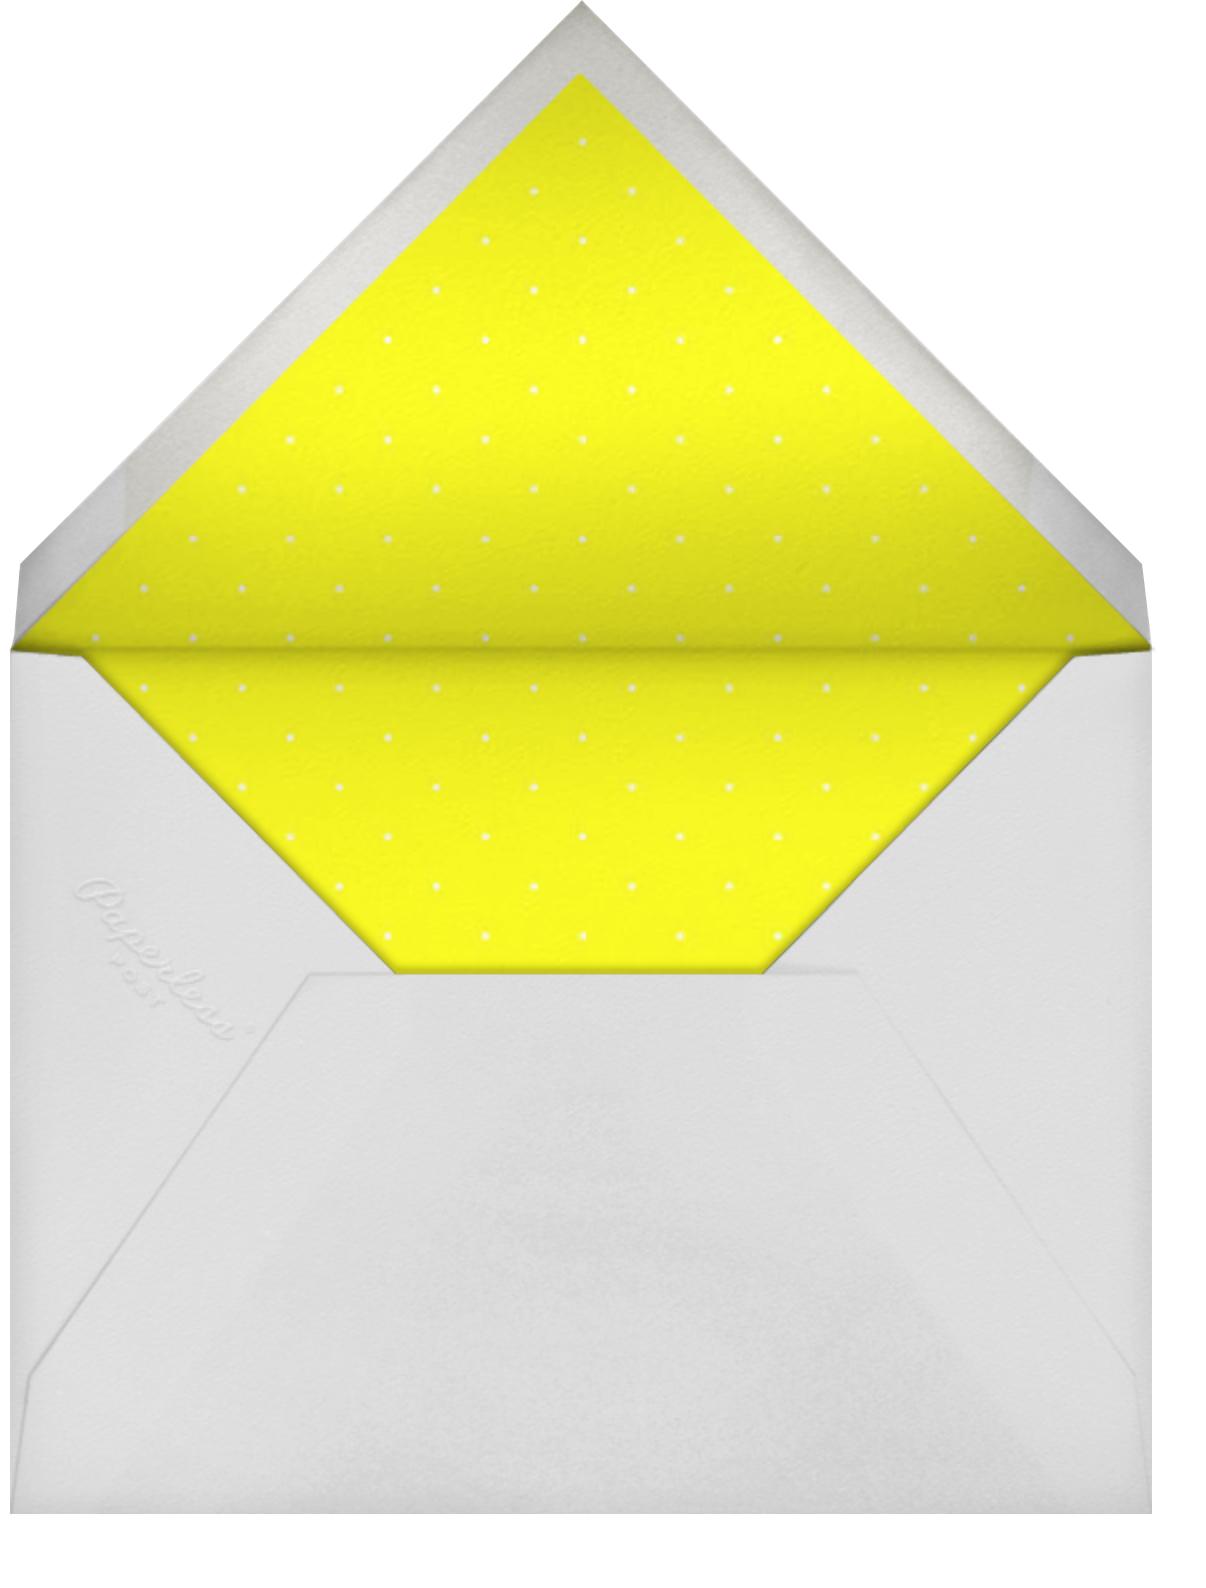 Spec in Capri - Sunshine - Mr. Boddington's Studio - Cocktail party - envelope back